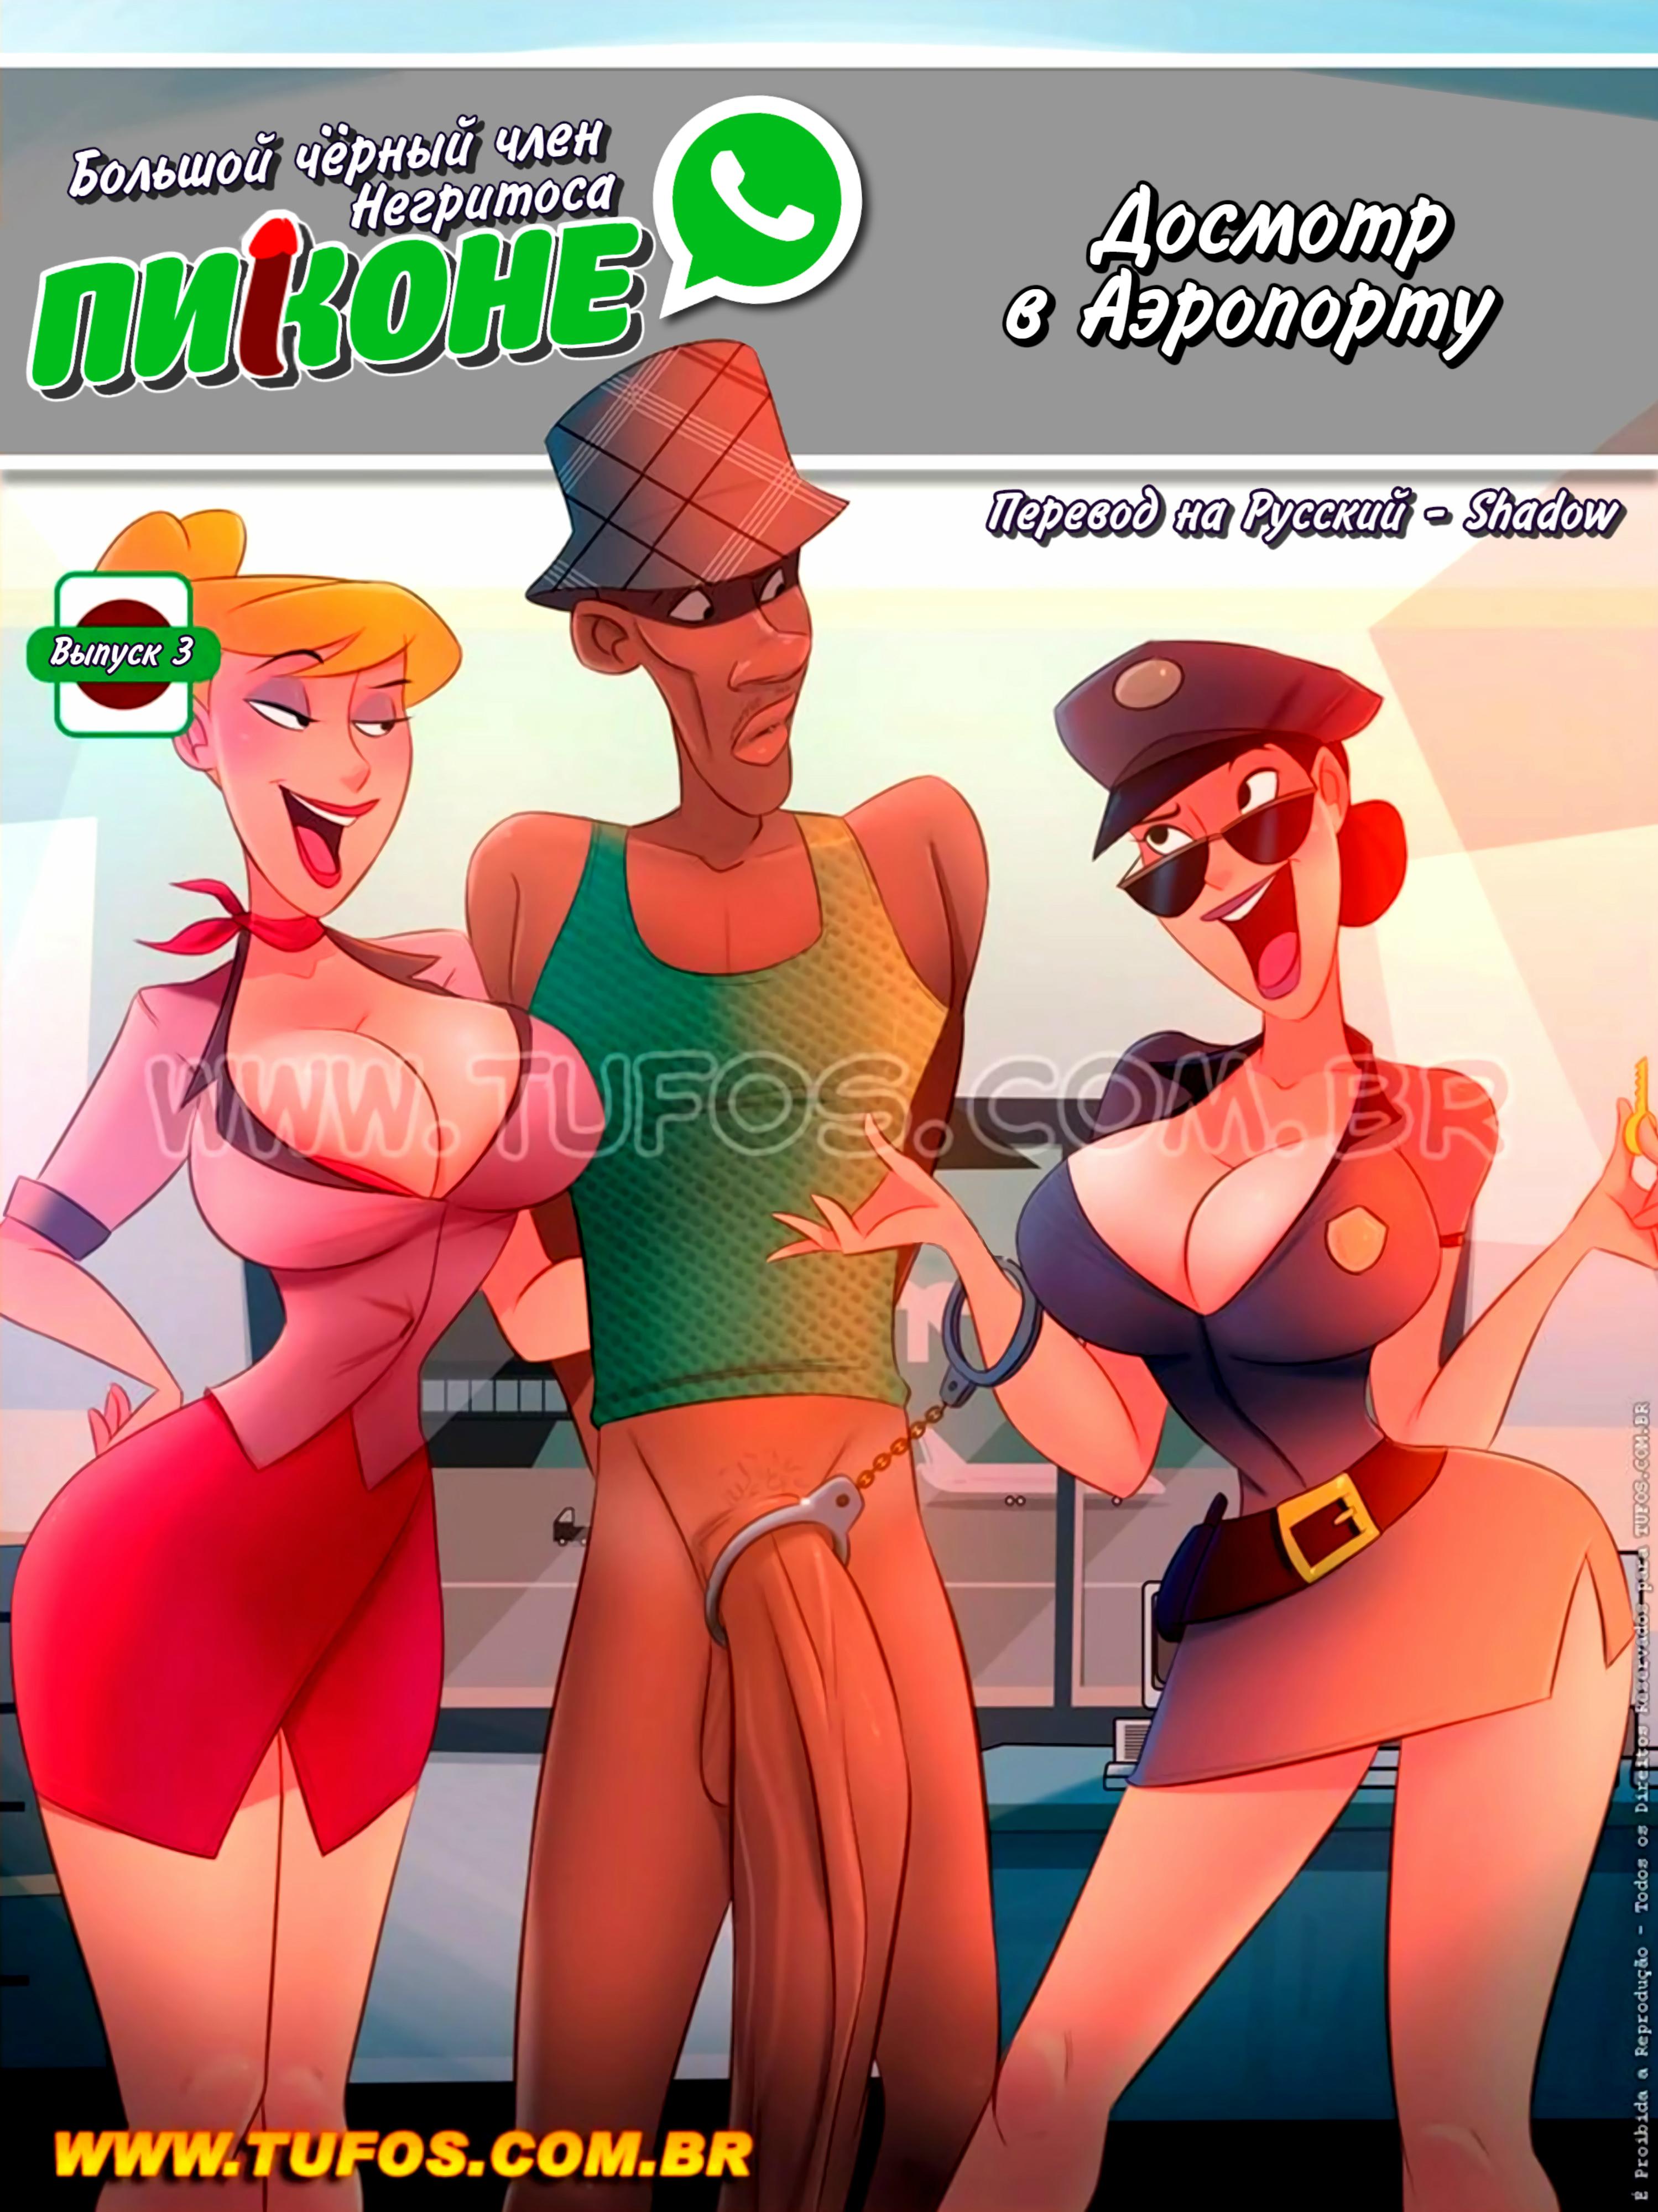 Порно комиксы - Большой чёрный член Негритоса Пиконе #3: Досмотр в Аэропорту Большая грудь, Без цензуры, Большие члены, Минет, Порно комиксы